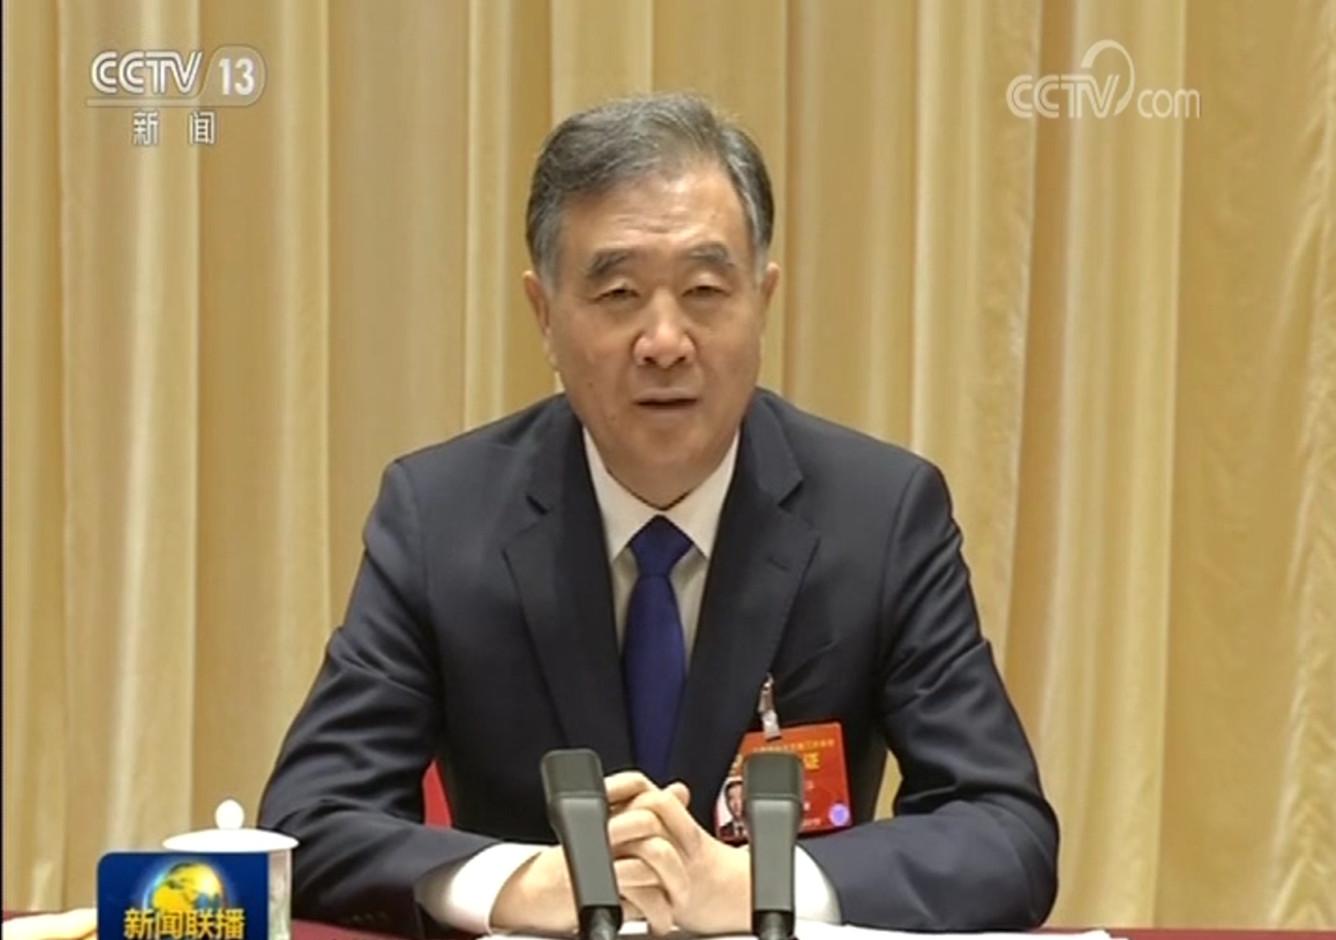 坚定中国道路 共筑宗教和顺-汪洋看望委员并参加宗教界小组讨论侧记